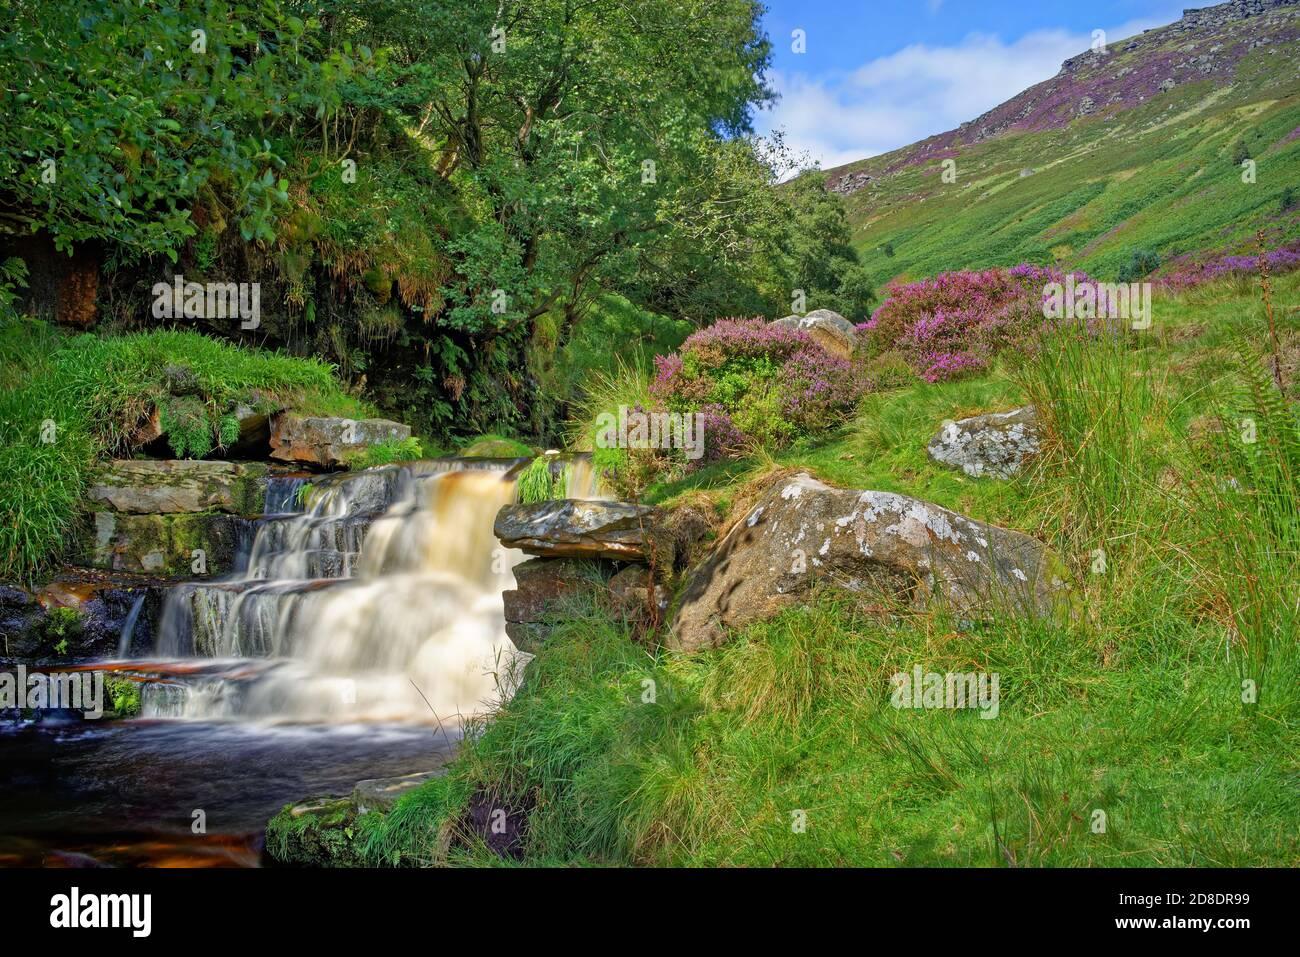 UK,Derbyshire, Peak District,Grindsbrook Clough Cascades et Kinder du Scoutisme Banque D'Images